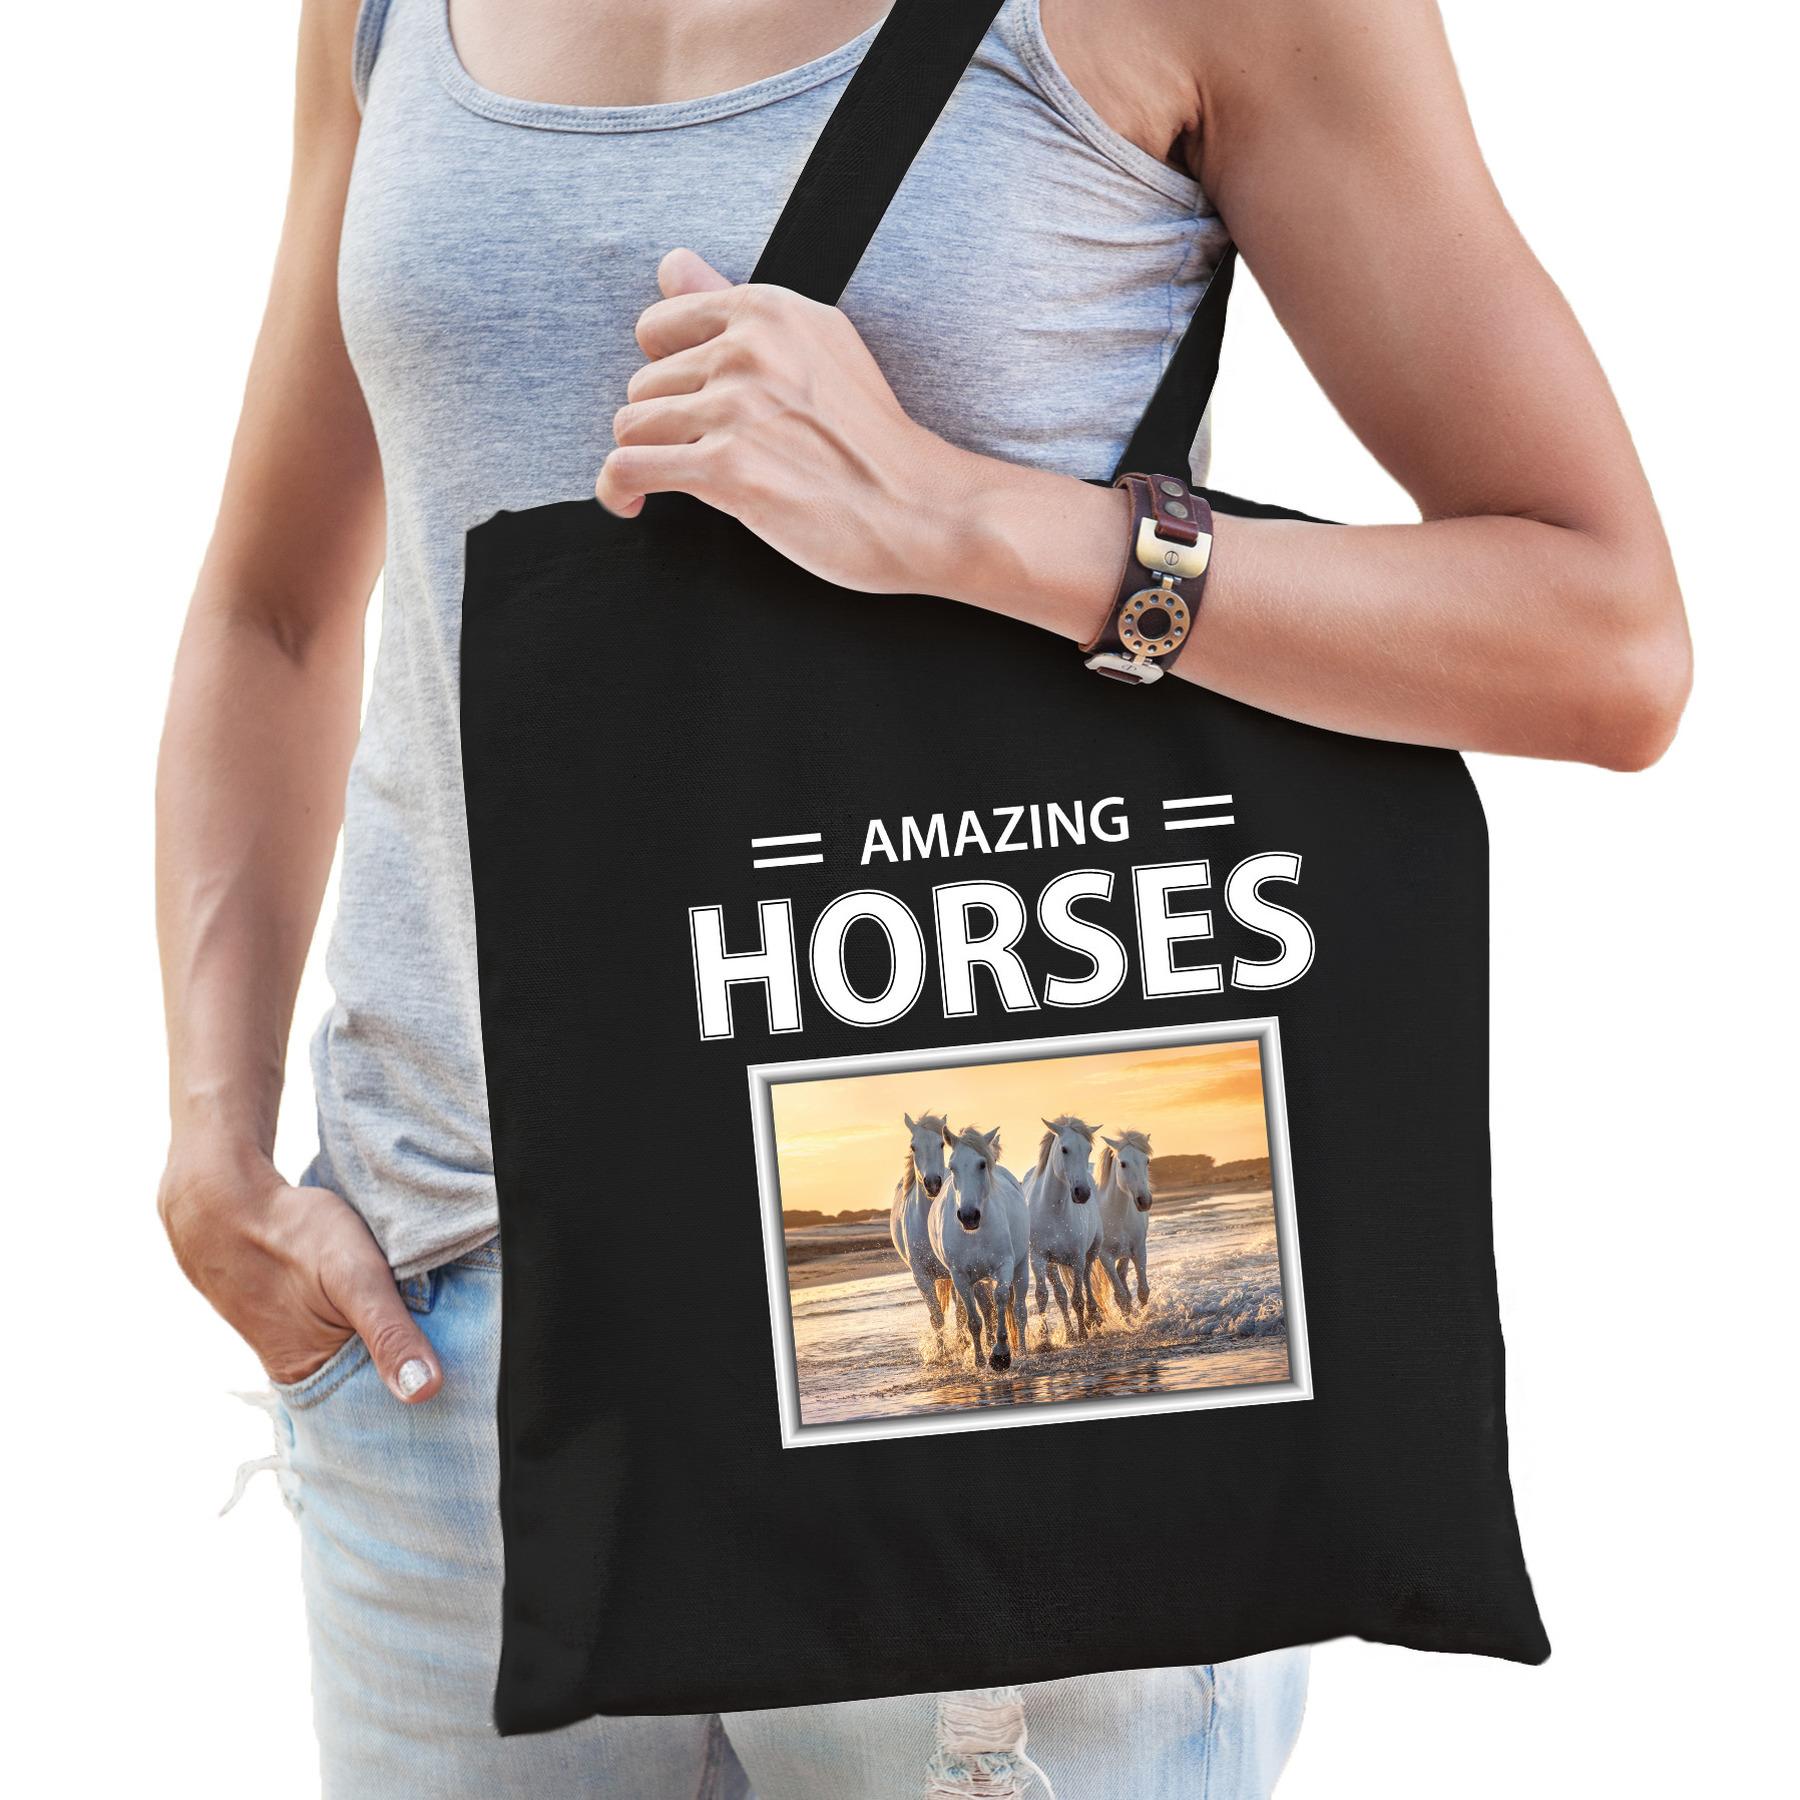 Katoenen tasje Witte paarden zwart - amazing horses wit paard cadeau tas